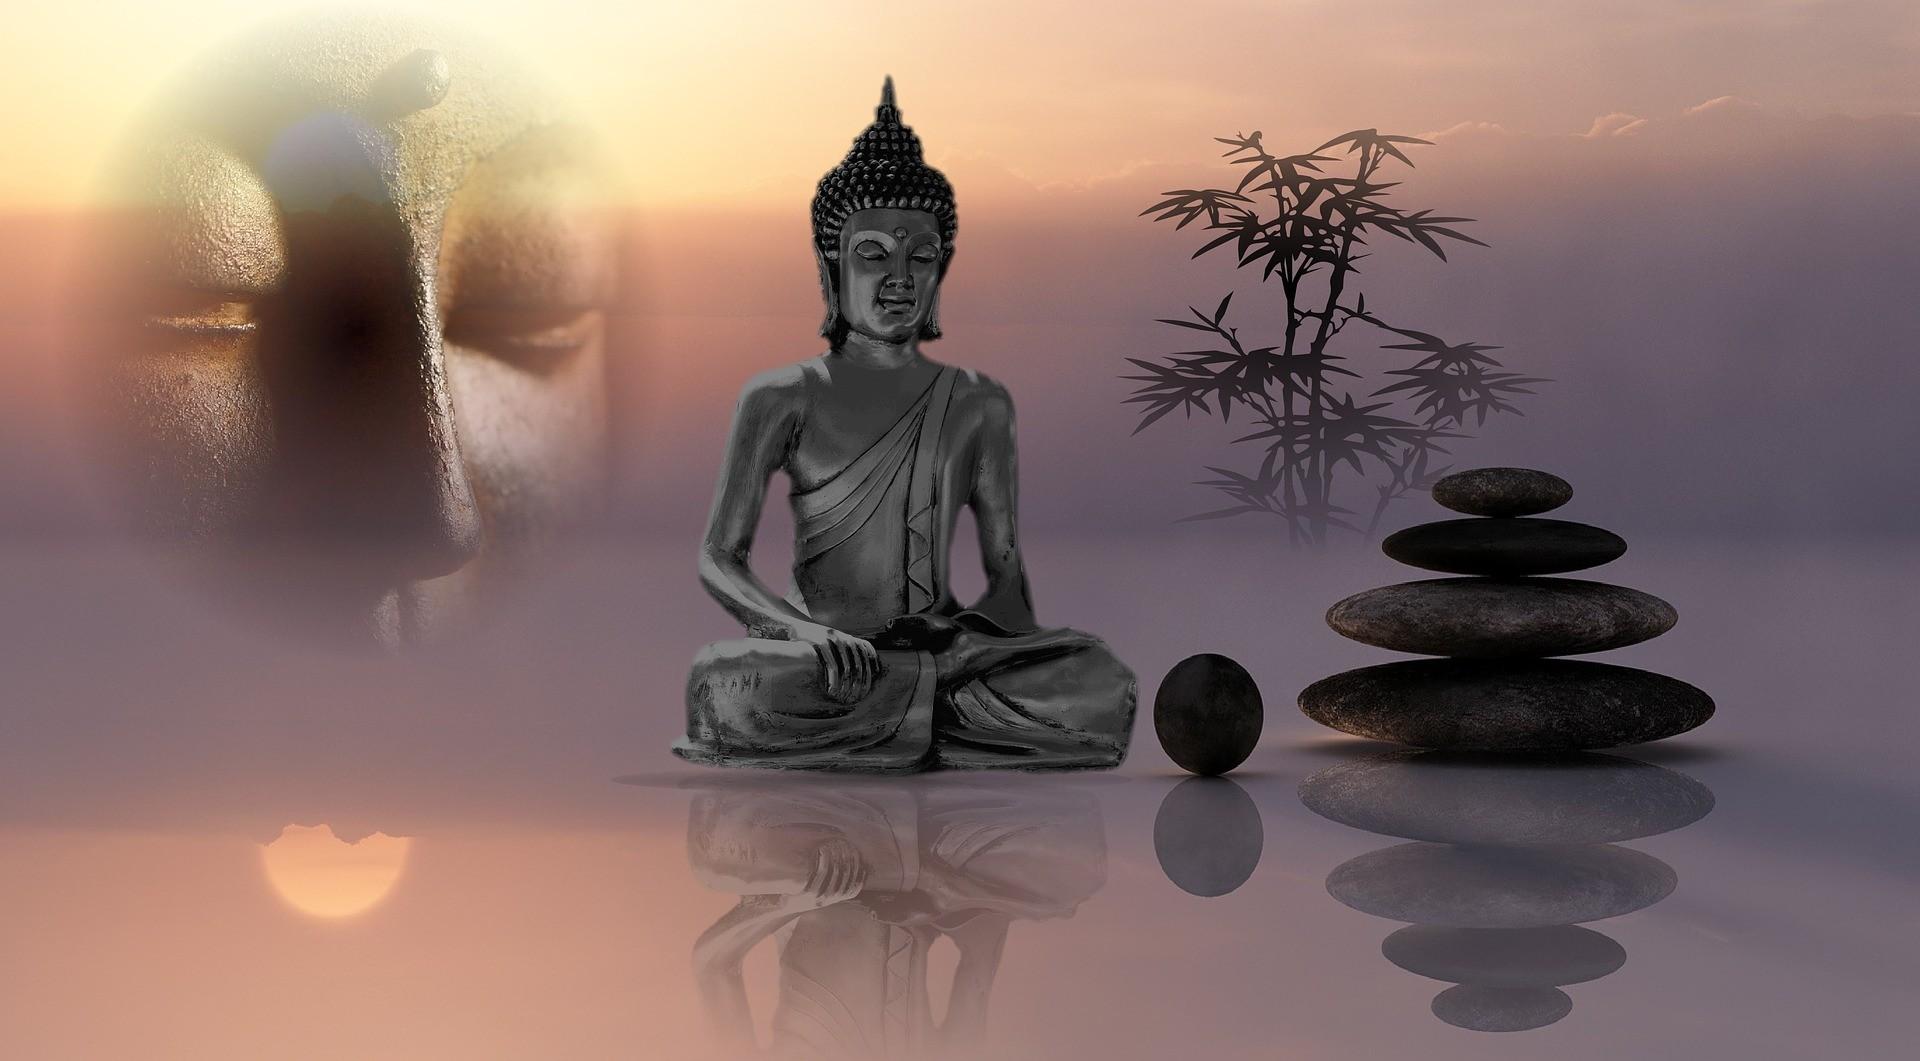 Dárkový poukaz na Duchovní léčení a kurzy v hodnotě 3000 Kč